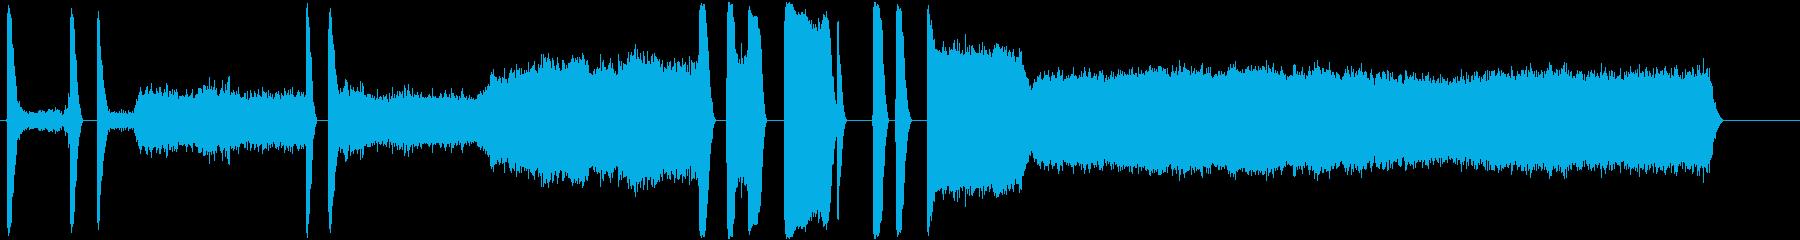 松明;アセチレン;大音量でアセチレ...の再生済みの波形